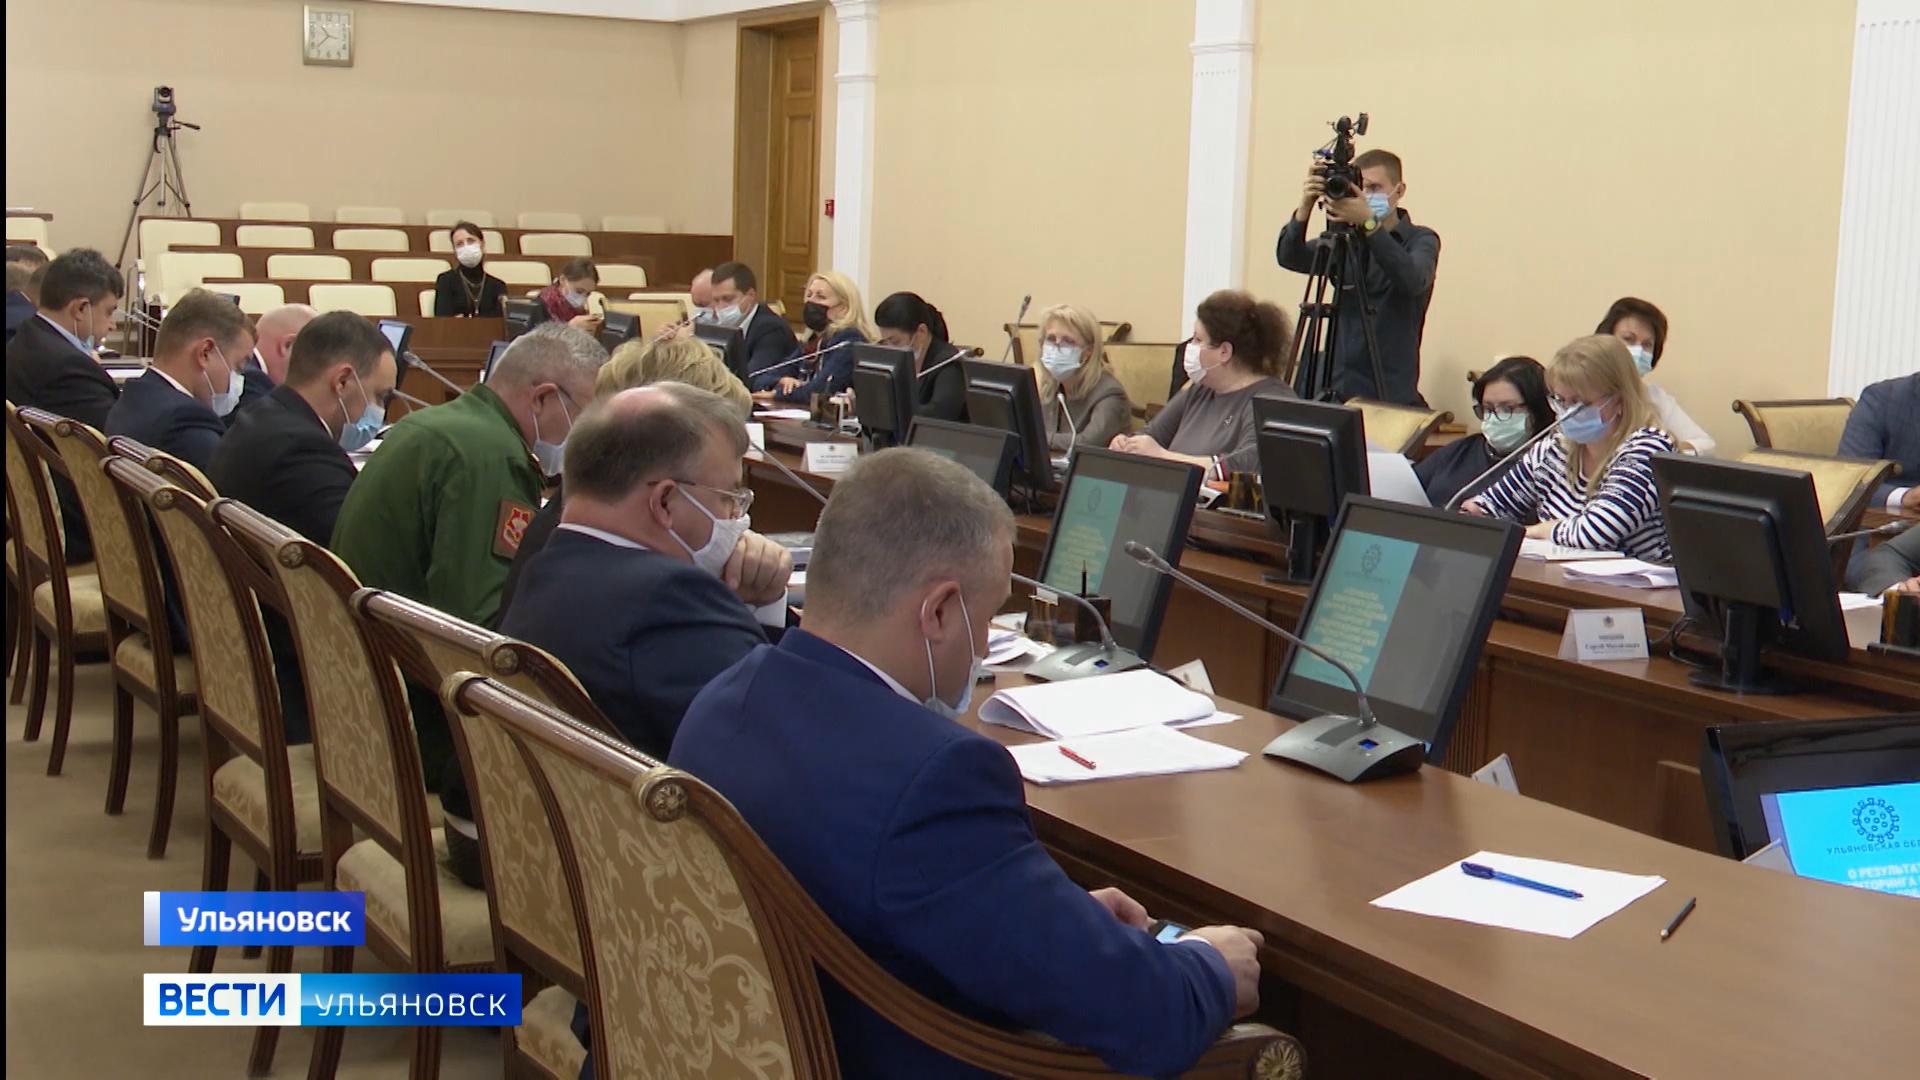 Состоялось очередное заседание штаба по комплексному развитию региона